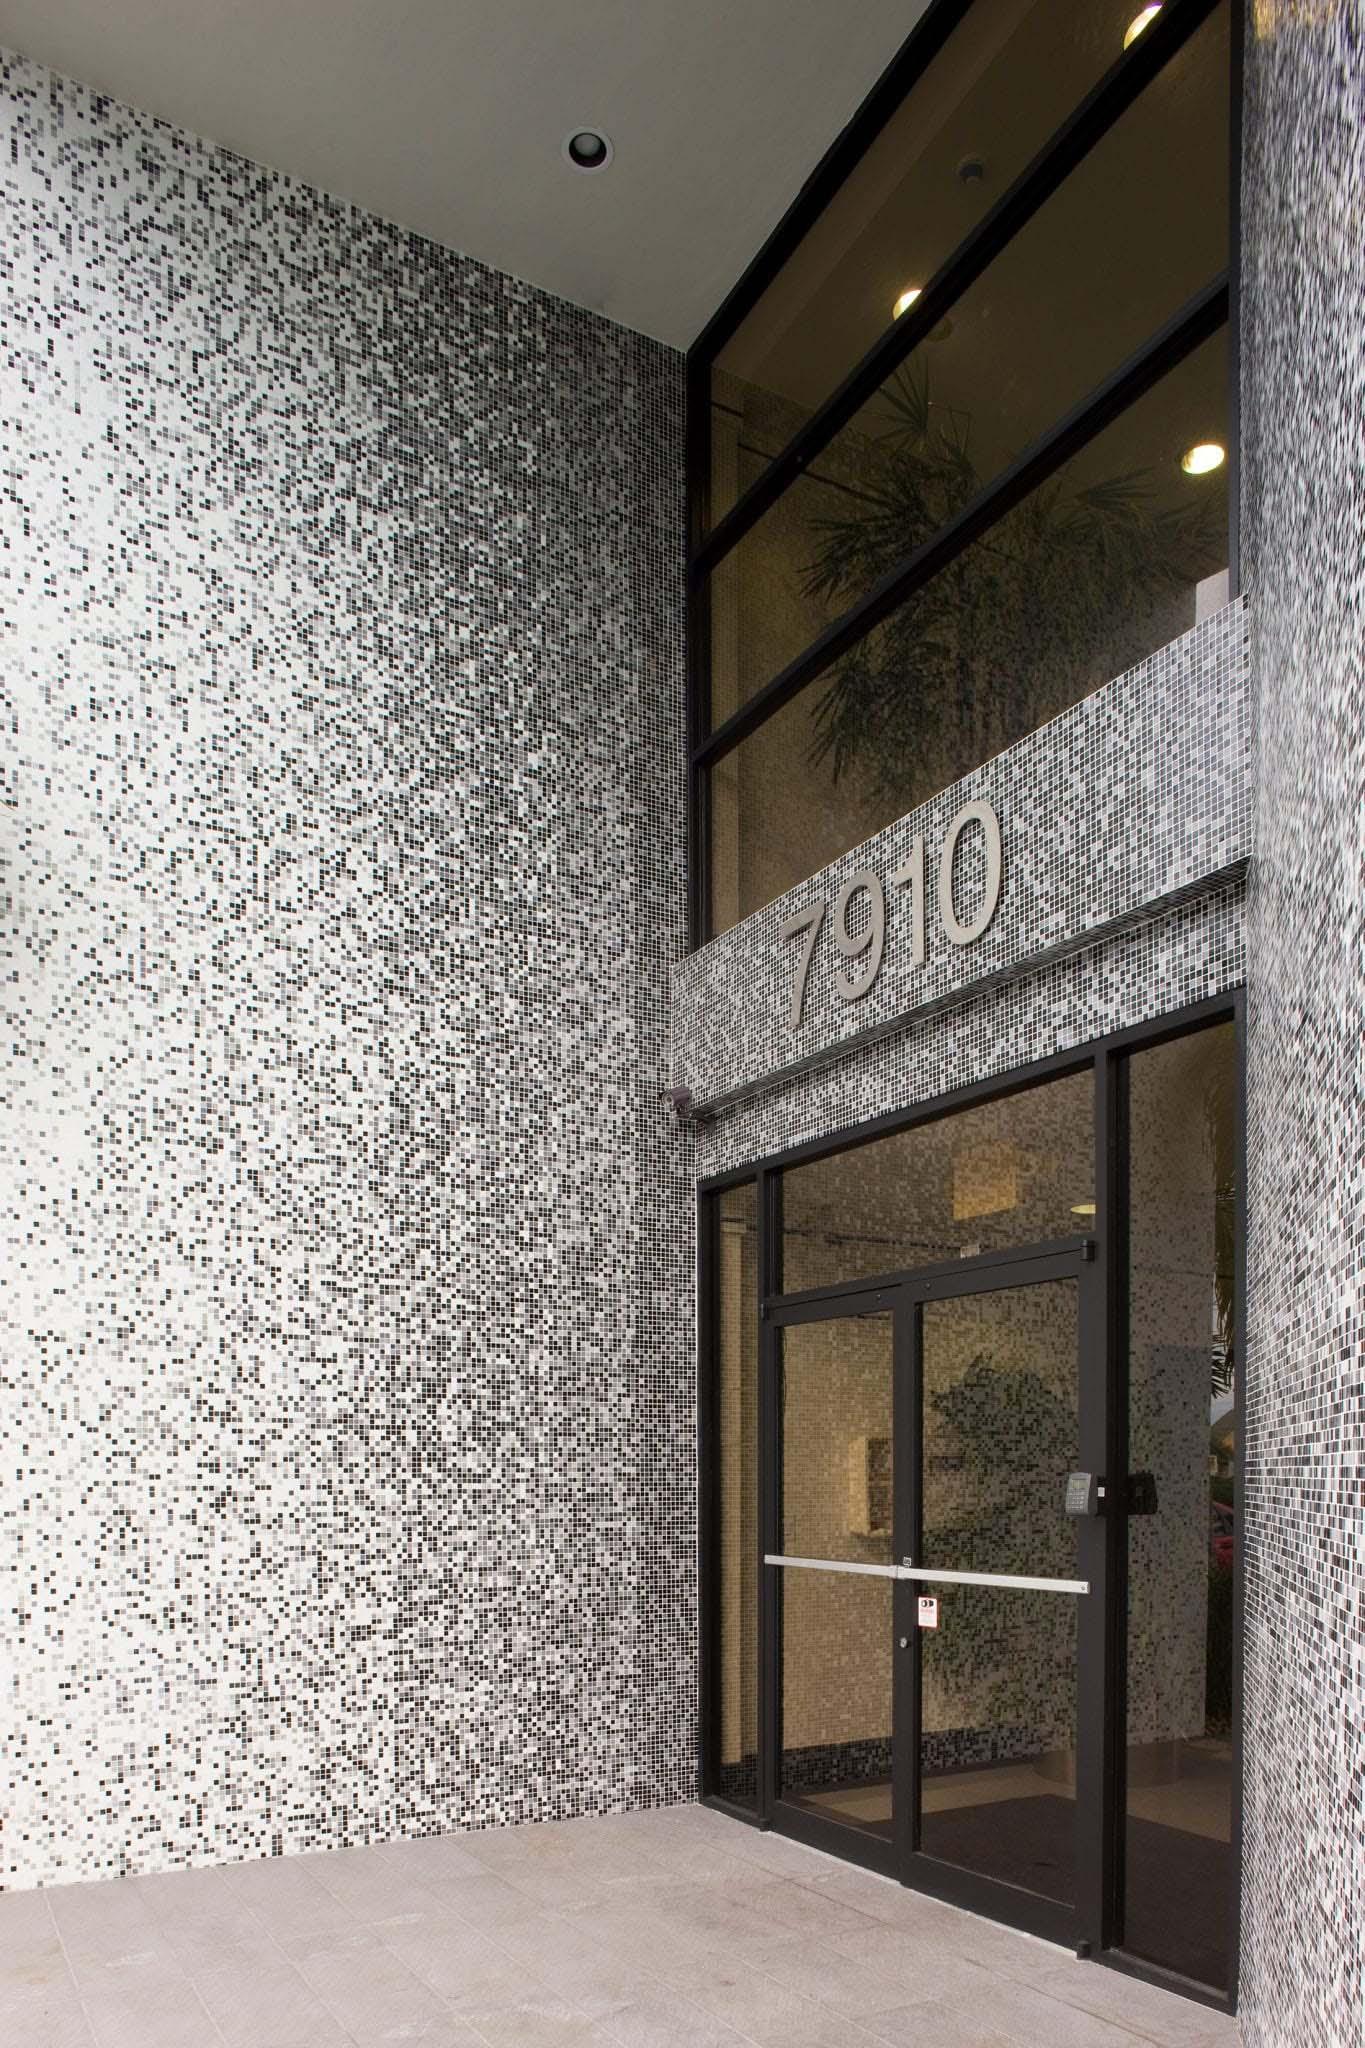 Commercial Office Doral U.S.A Slider